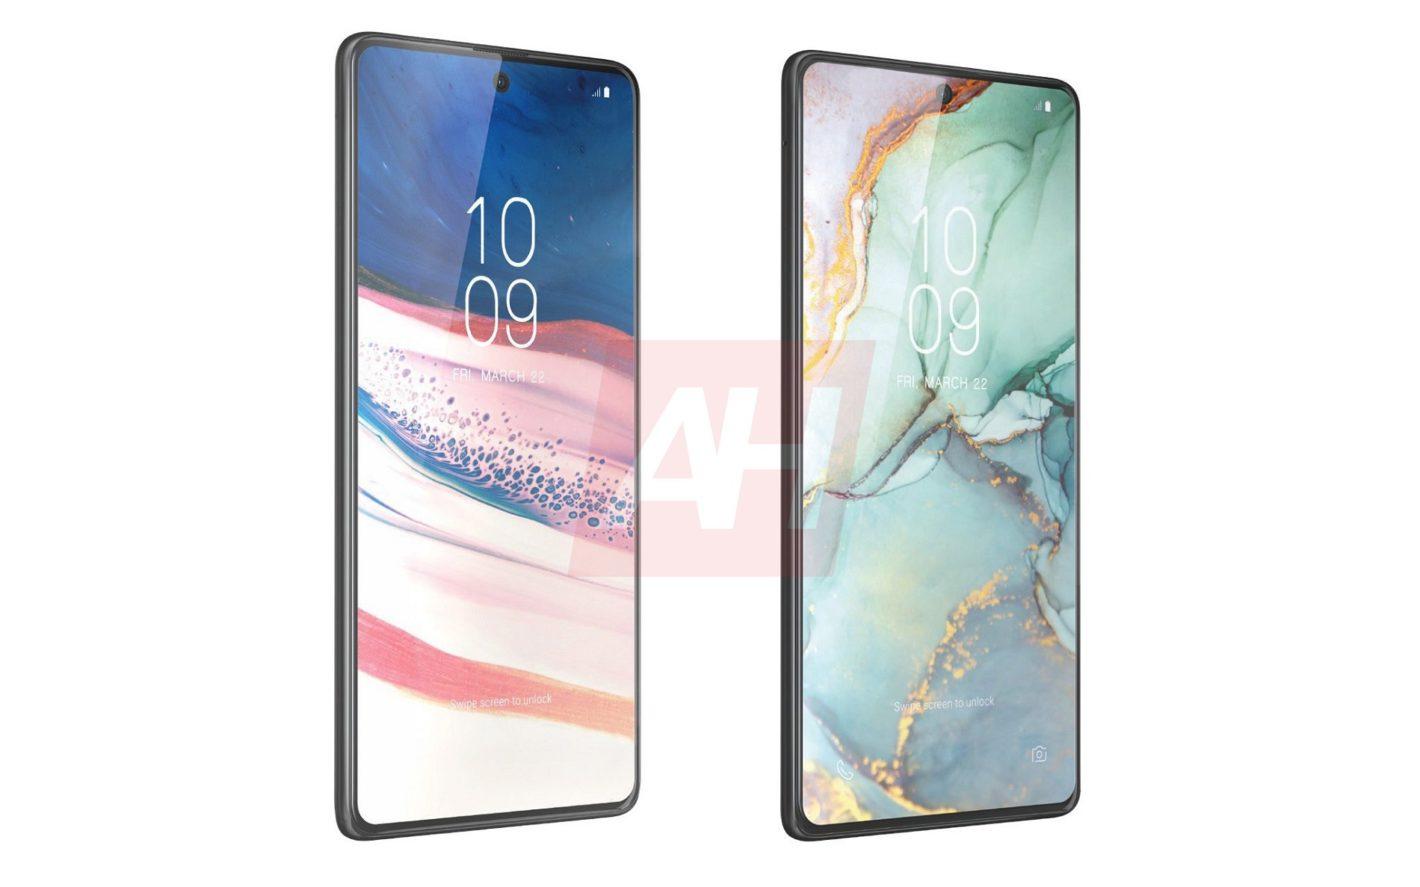 Samsung Galaxy S10 et Note 10 Lite : les rendus presse apparaissent avant l'heure